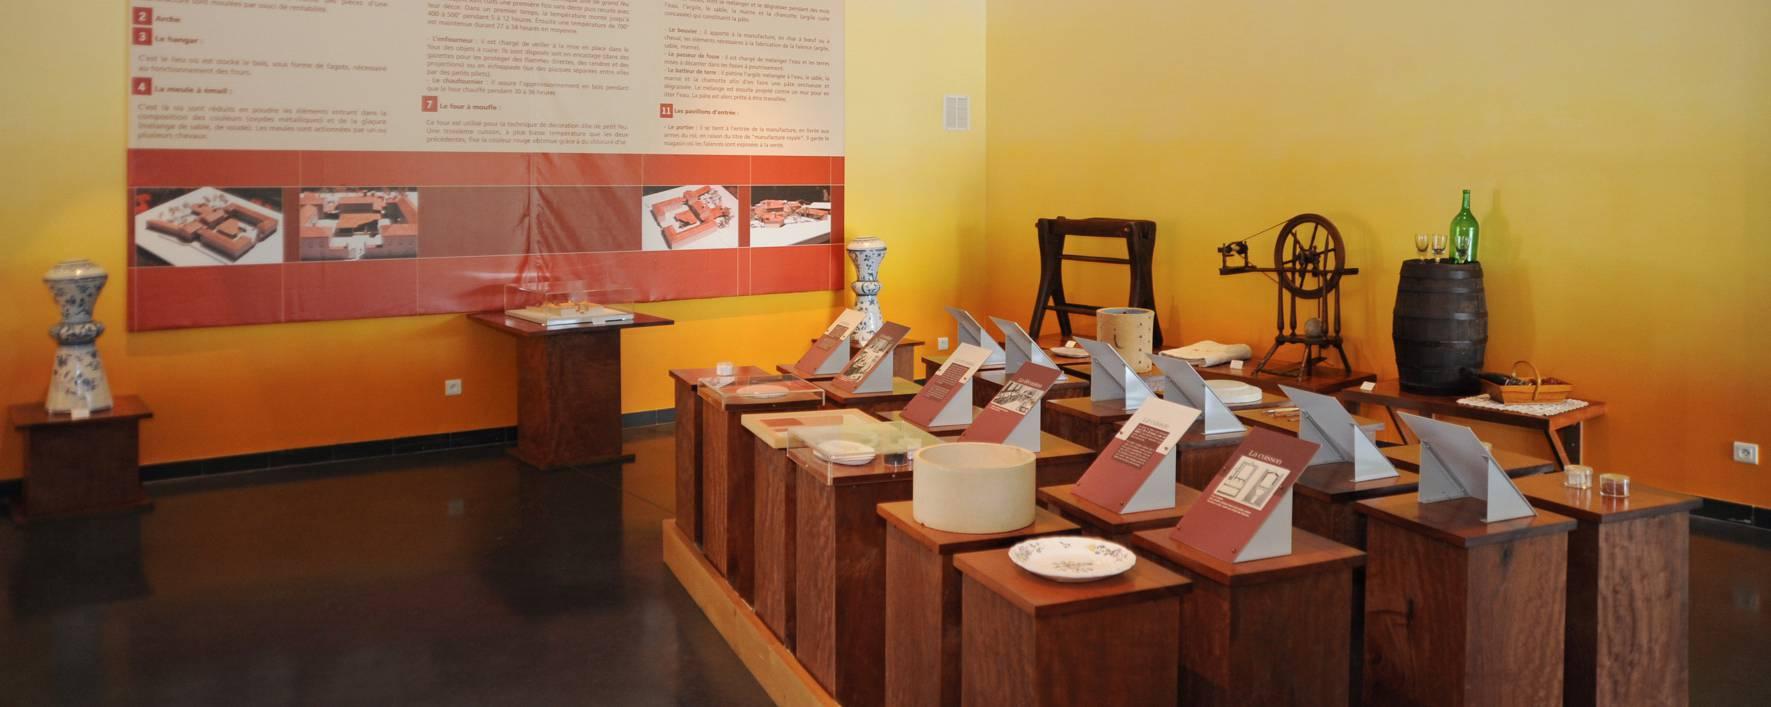 Le Musée de la faïence et des arts de la Table